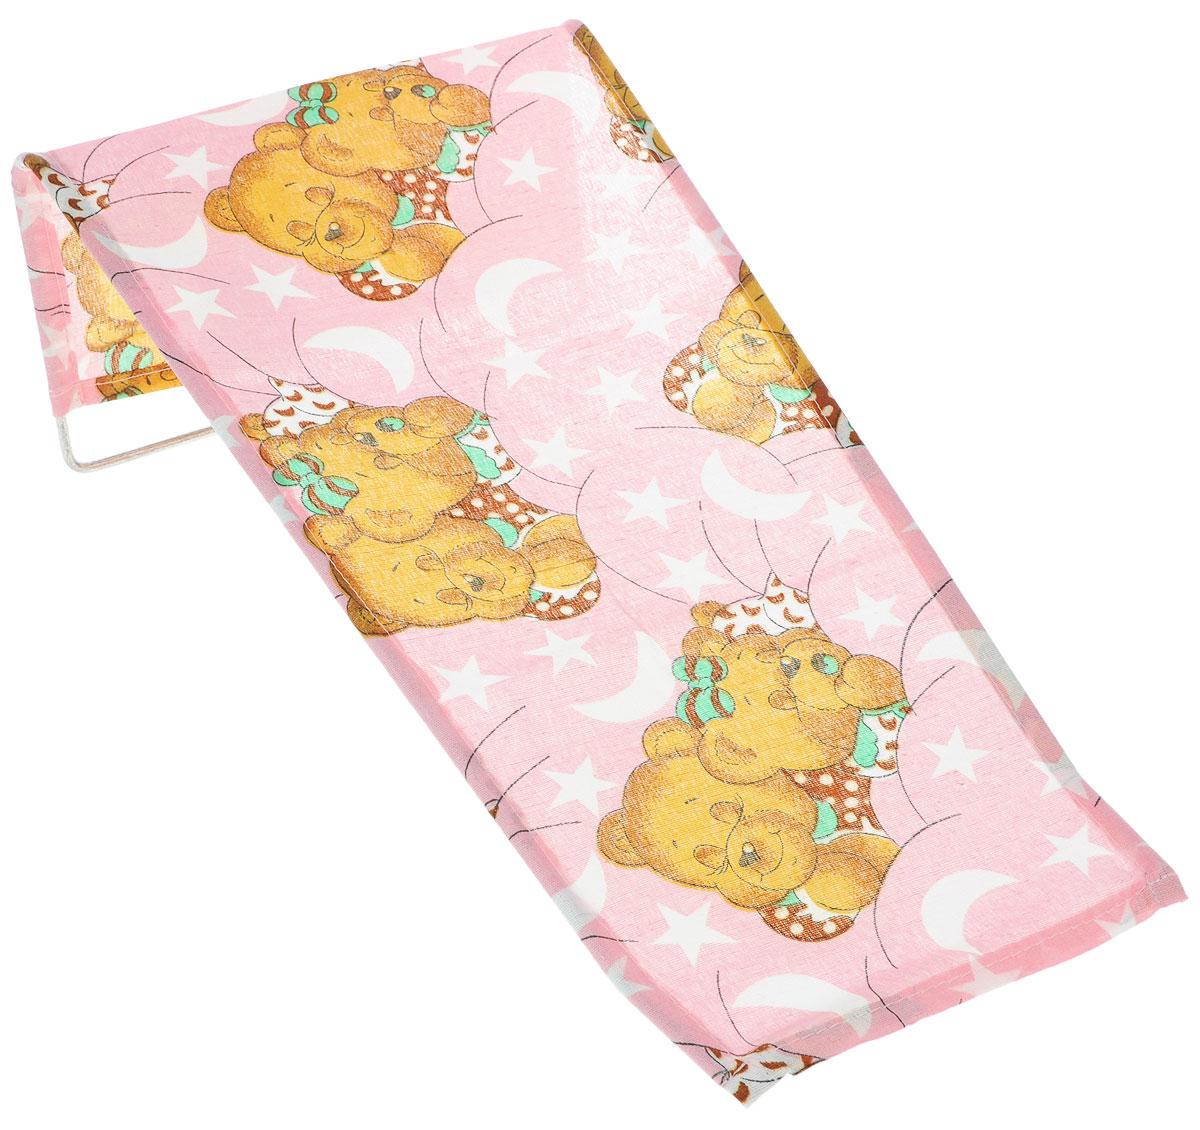 Фея Подставка для купания Мишки спят1332-01_мишки спятПодставка для купания Фея Мишки спят - это удобный способ мытья и прекрасная возможность побаловать вашего малыша. Эргономичный дизайн подставки разработан специально для комфорта и безопасности вашего ребенка. Основу подставки составляет металлический каркас, обтянутый тканью. Подарите своему малышу радость и комфорт во время купания! Подставка предназначена для купания детей в возрасте до 1 года. Фея - это качественные и надежные товары для малышей, которые может позволить себе каждая семья! Правила ухода за чехлом: после использования хорошо просушить. Запрещается использование моющих средств содержащих щелочь.